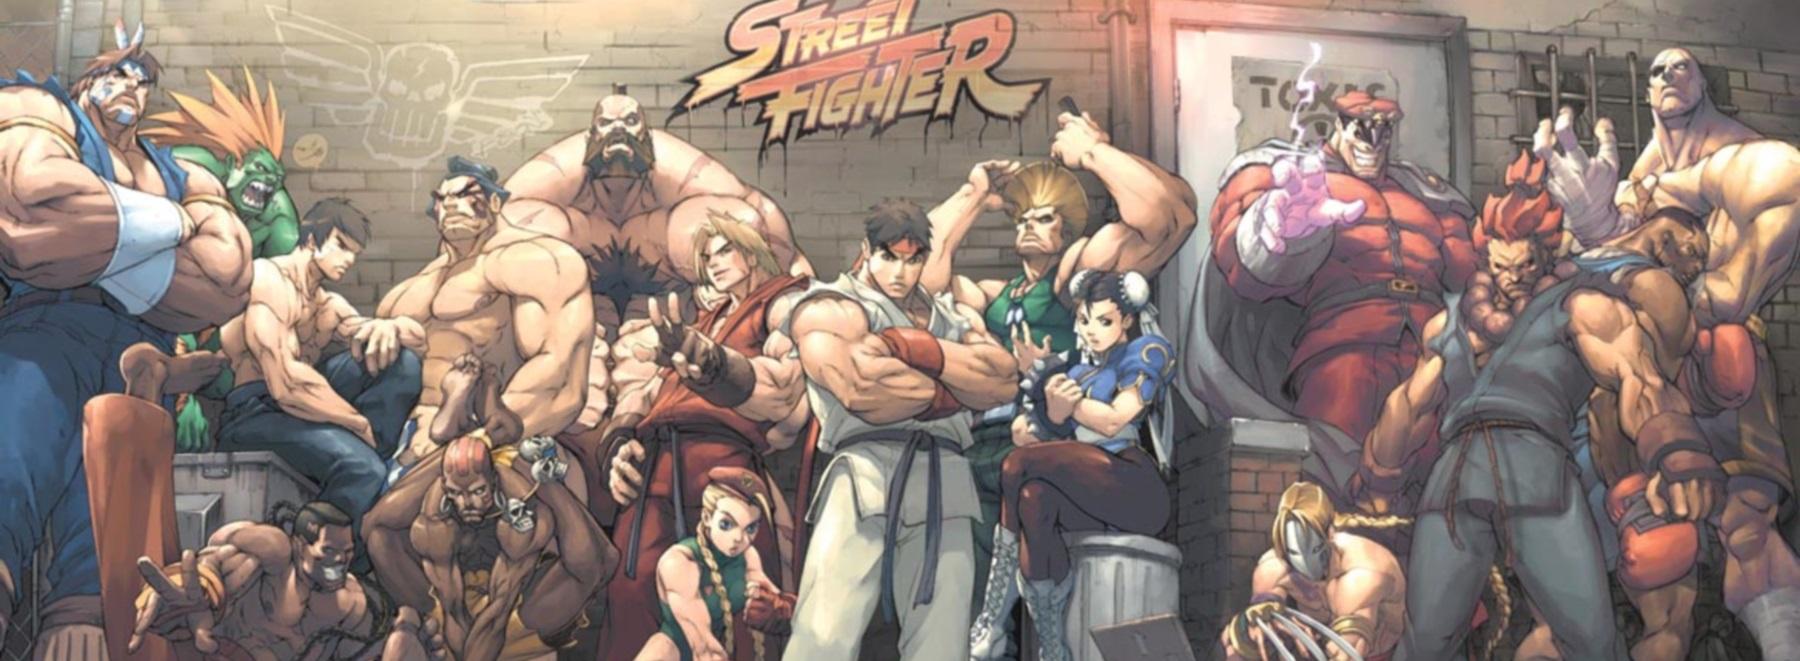 Los reyes de la lucha en salones arcade